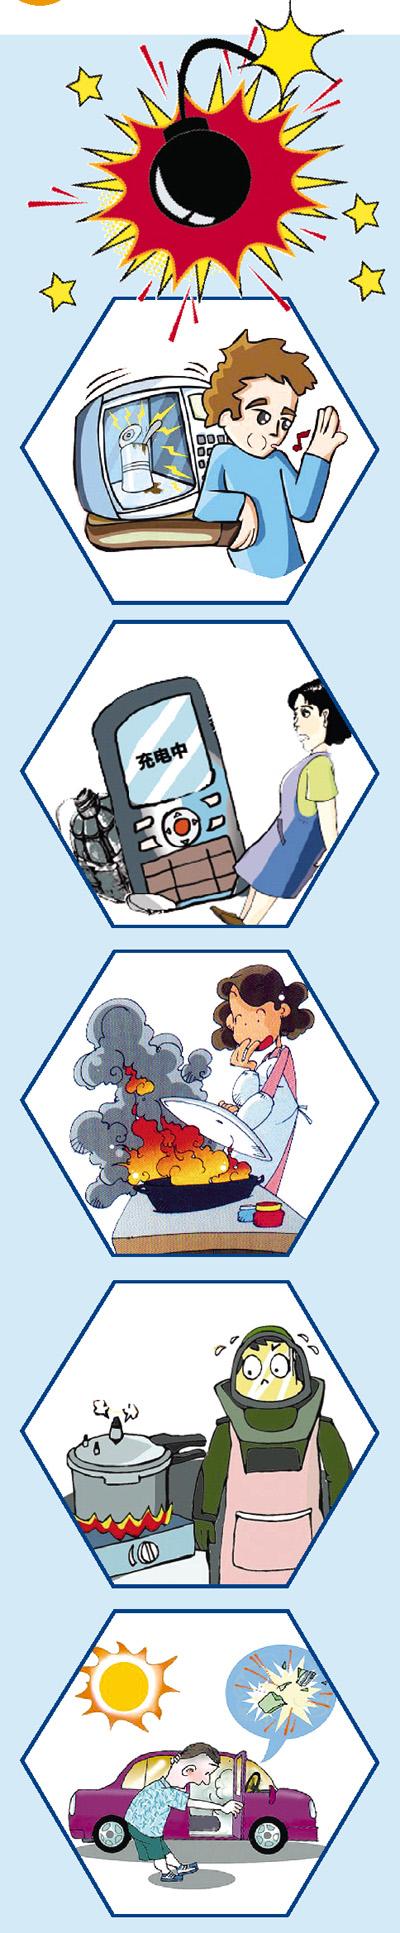 形成爆炸性混合物,遇到火源引起迅速燃烧甚至爆炸,产生很强的破坏力.图片